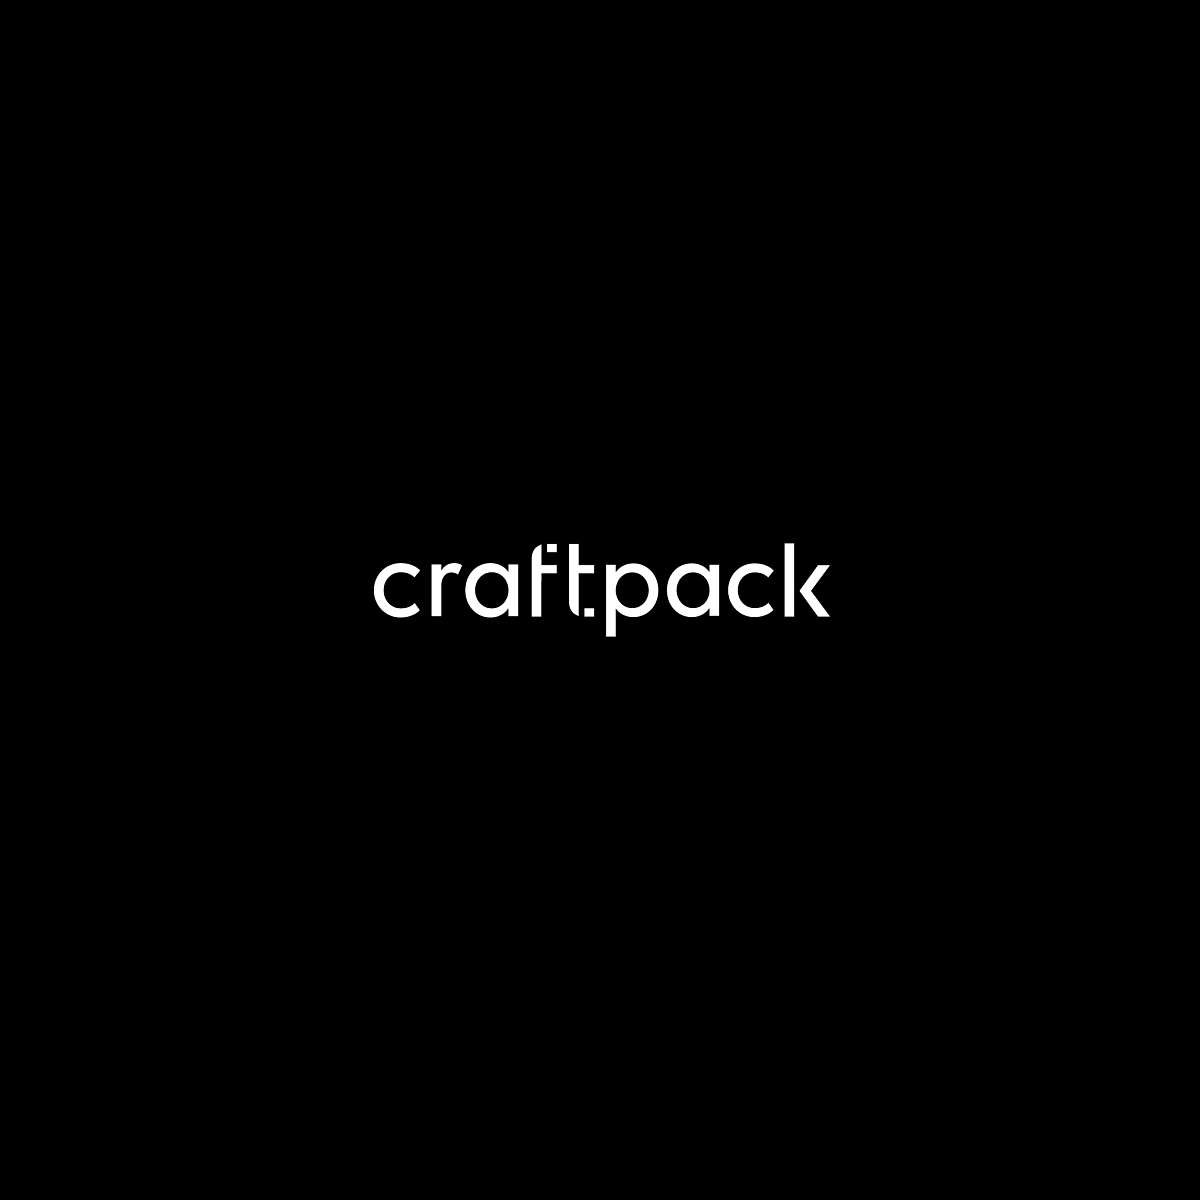 Craftpack